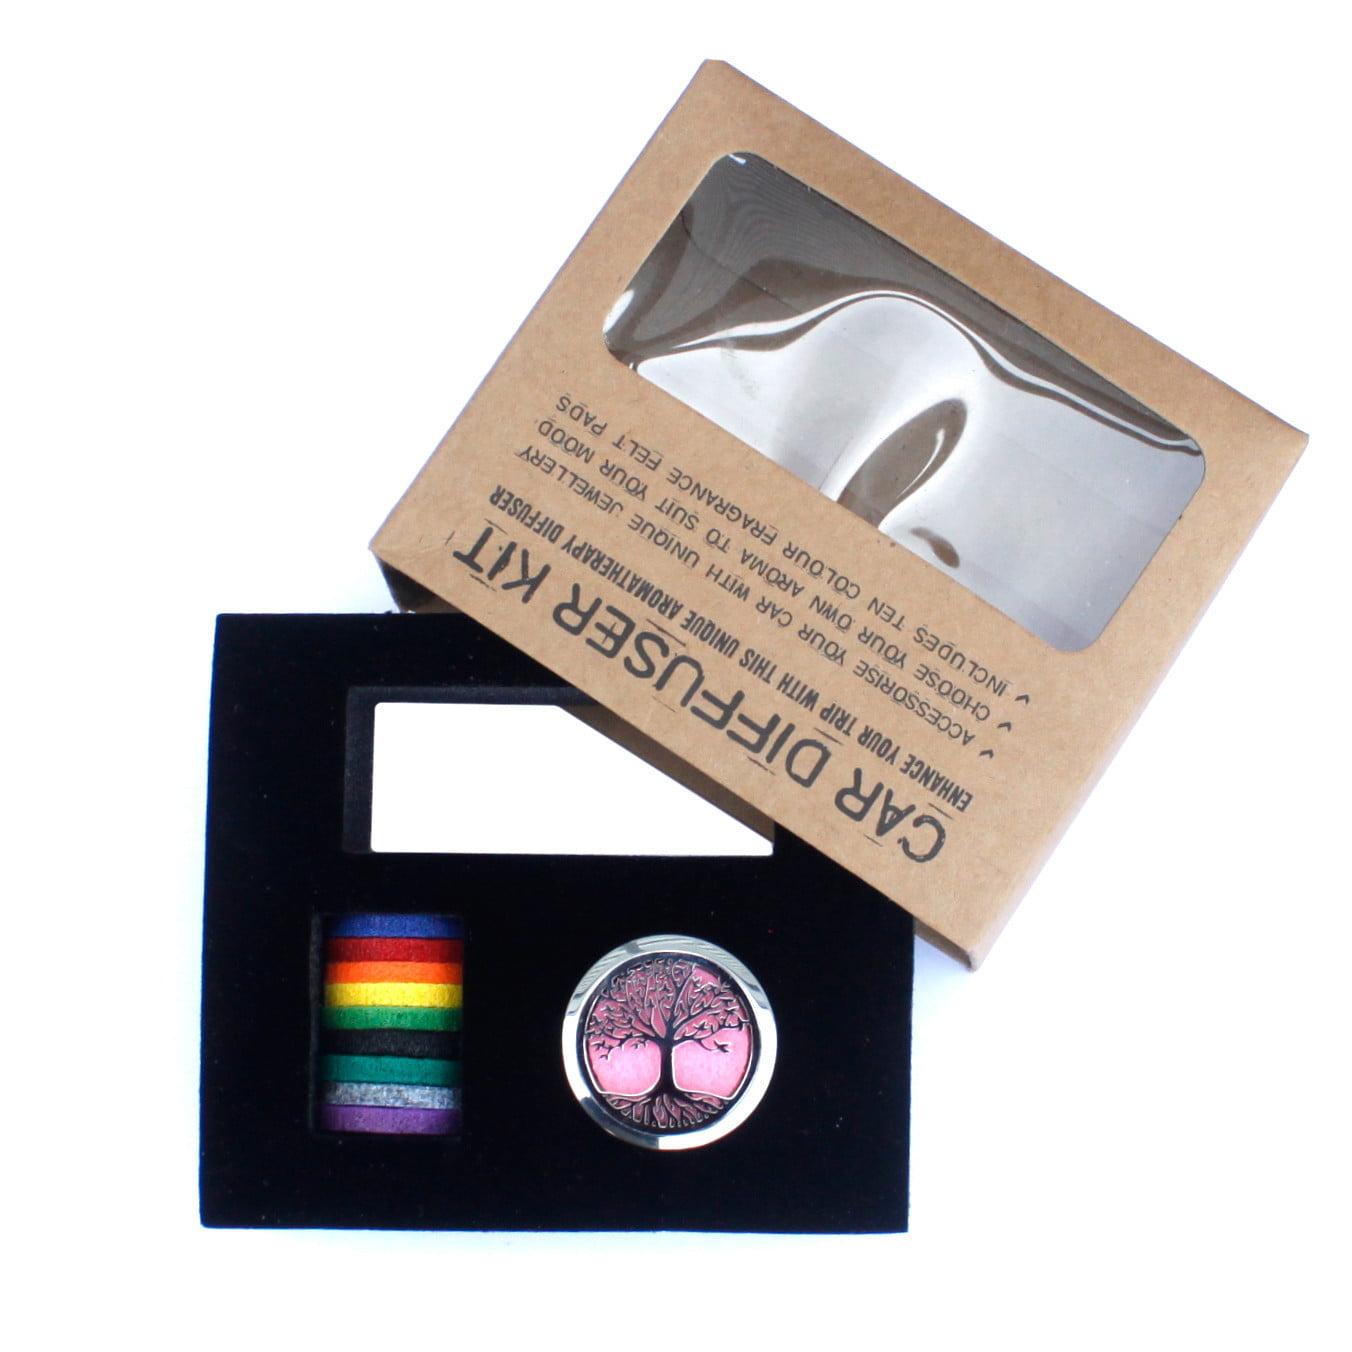 Kit de difusor de carro – Angel – 30mm